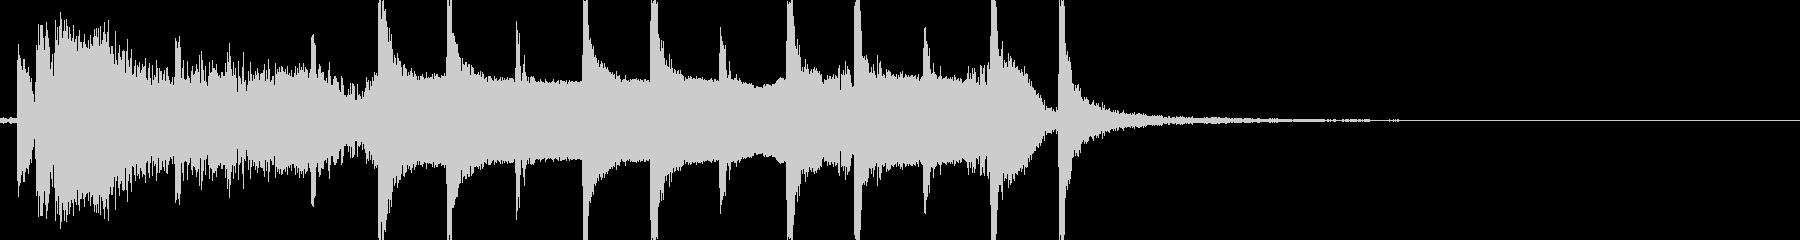 和風 切り替え用ジングル お琴+尺八よぉの未再生の波形